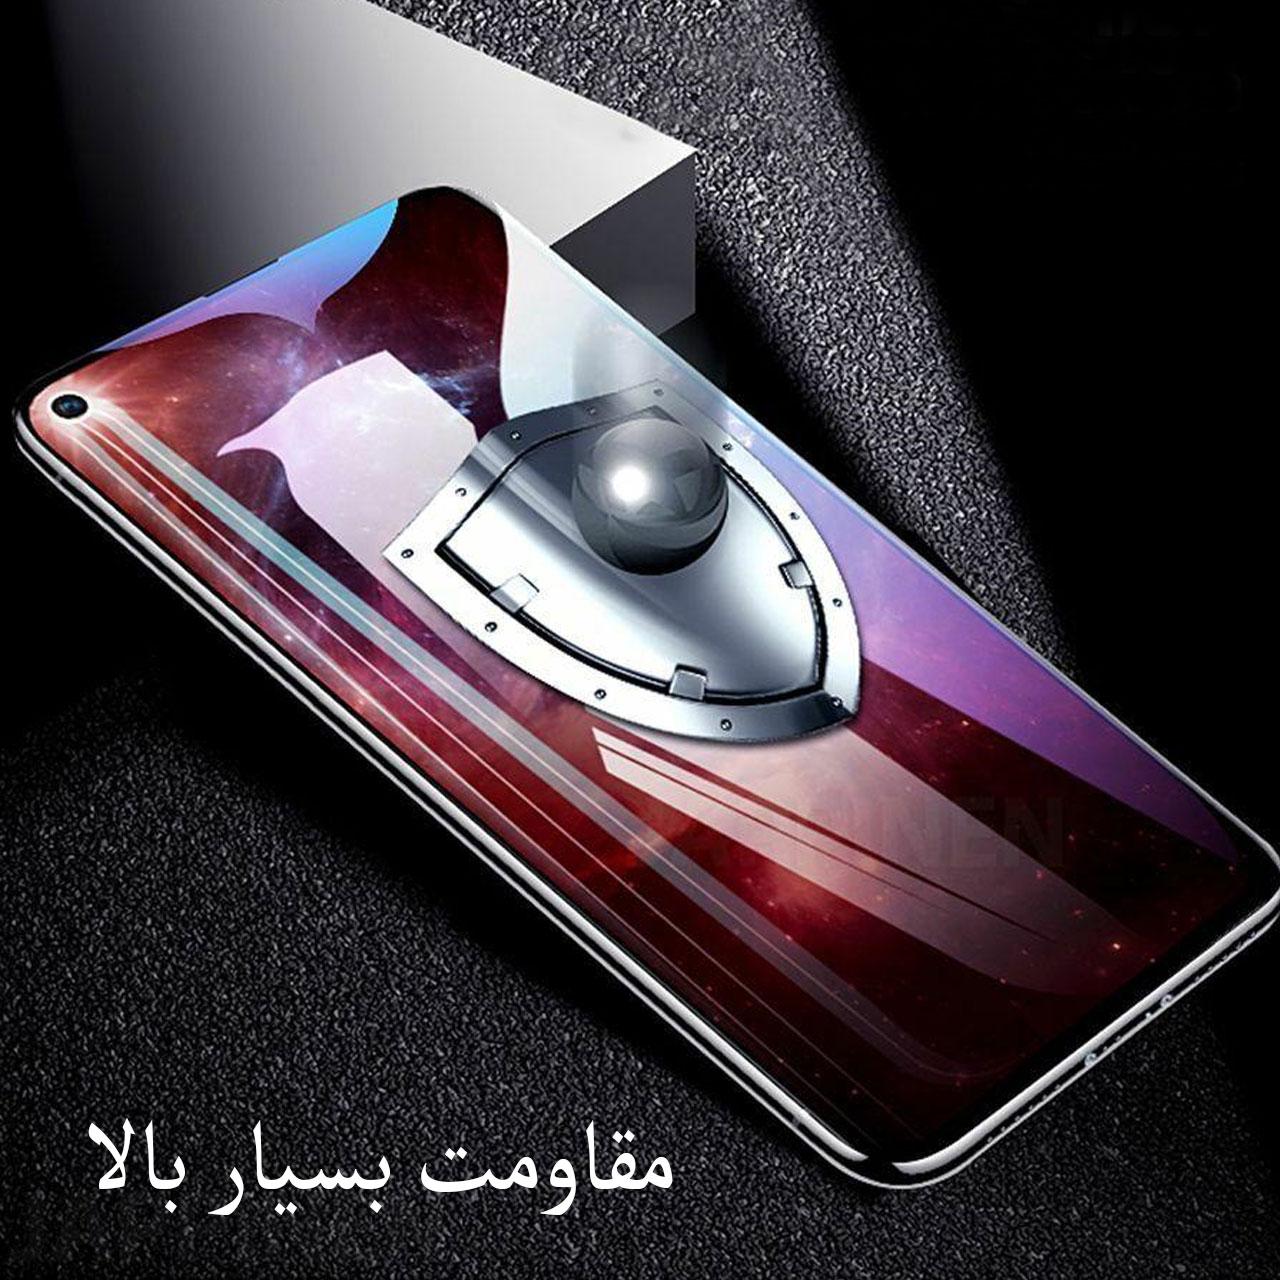 محافظ صفحه نمایش مدل FCG مناسب برای گوشی موبایل سامسونگ Galaxy A11 main 1 6